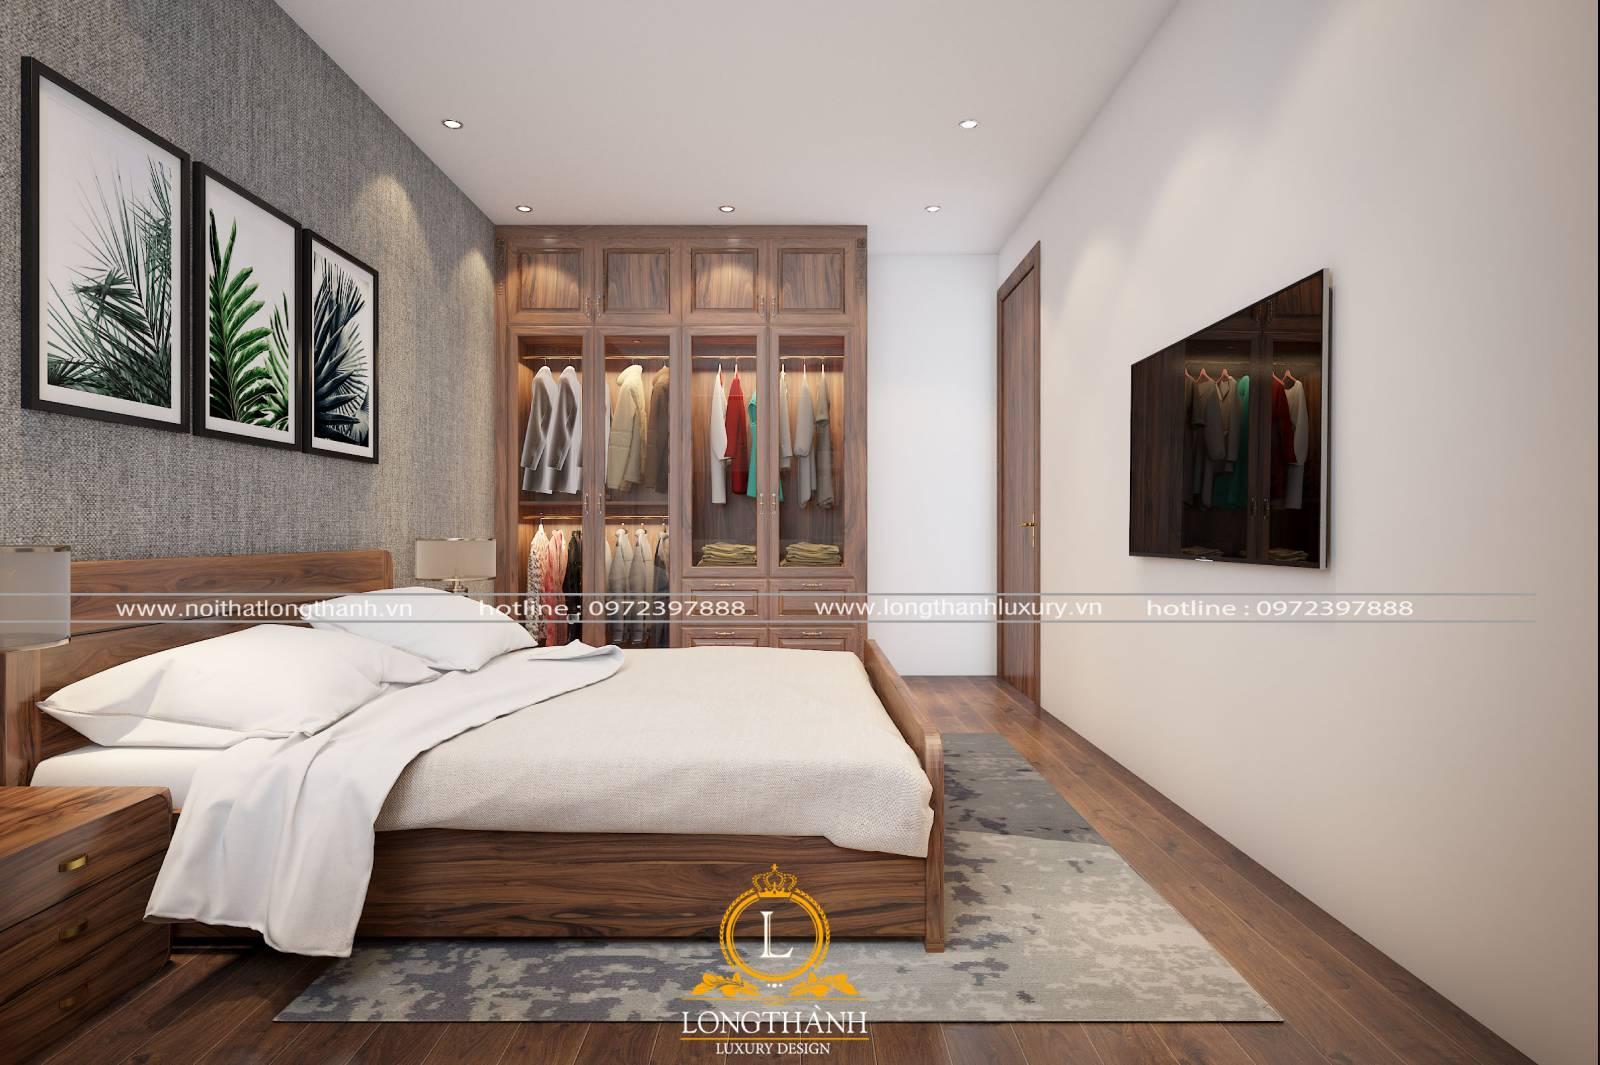 Mẫu phòng ngủ hiện đại đơn giản tiện lợi cho không gian nhà ống hẹp